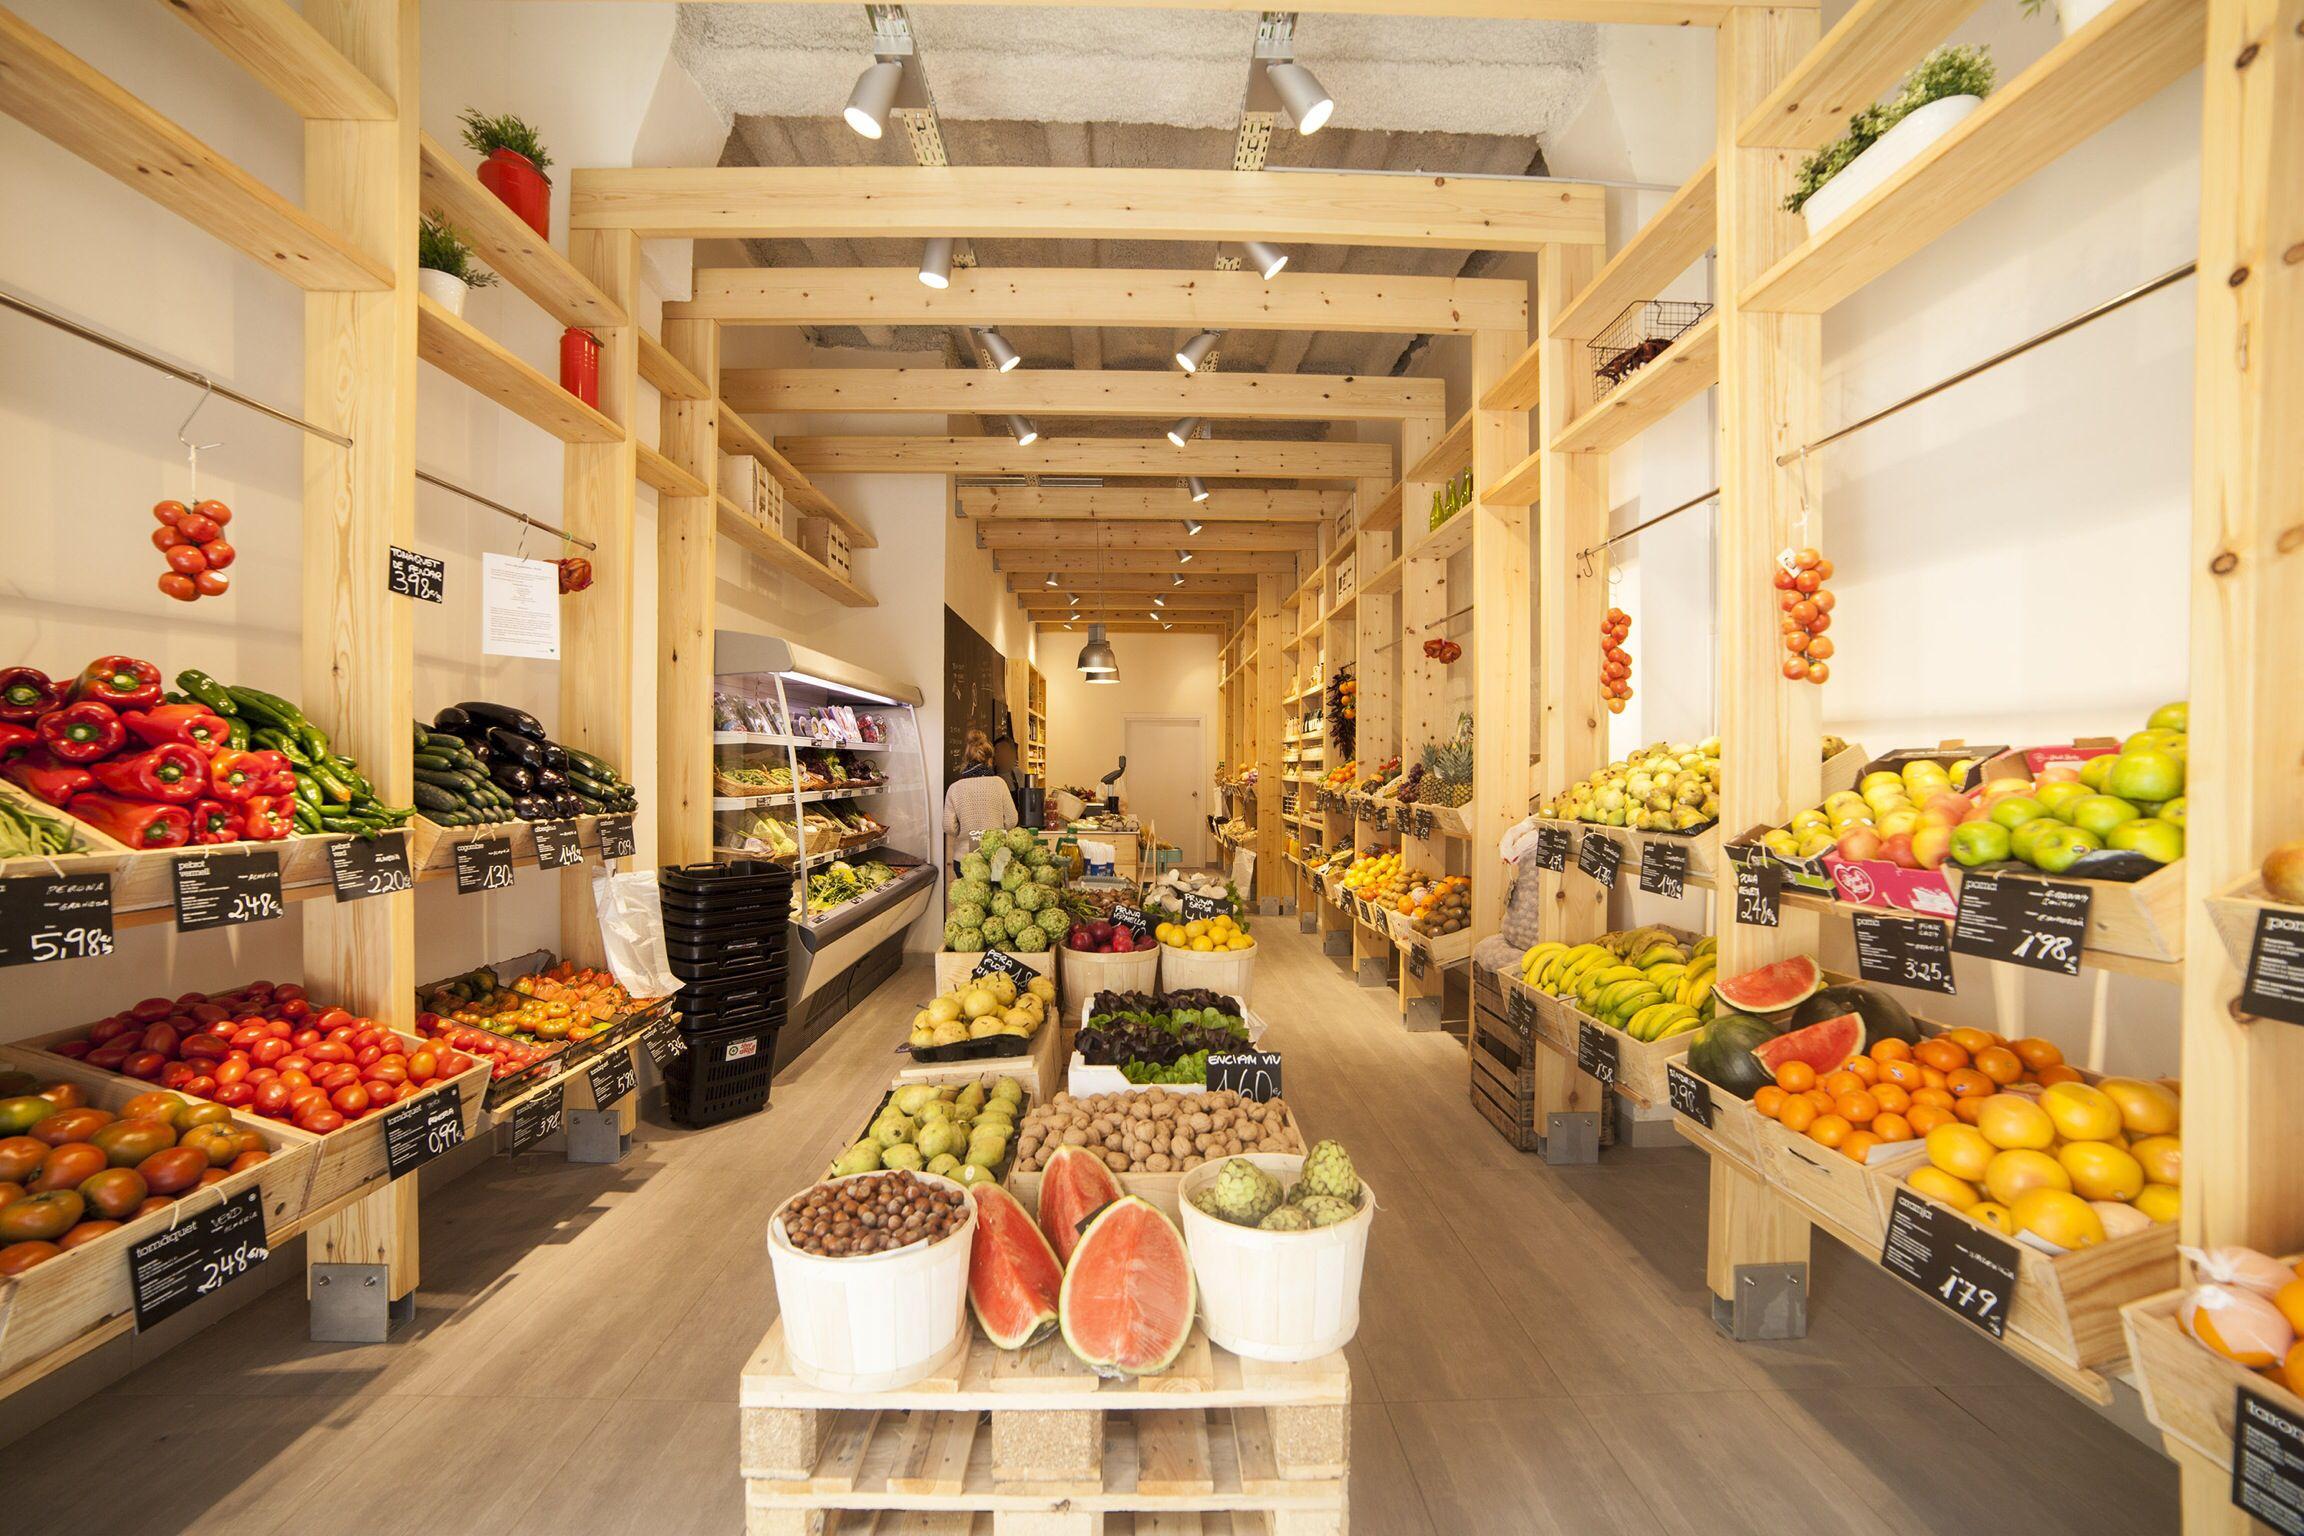 дни лунном дизайн овощного магазина фото упоминании имени звездной